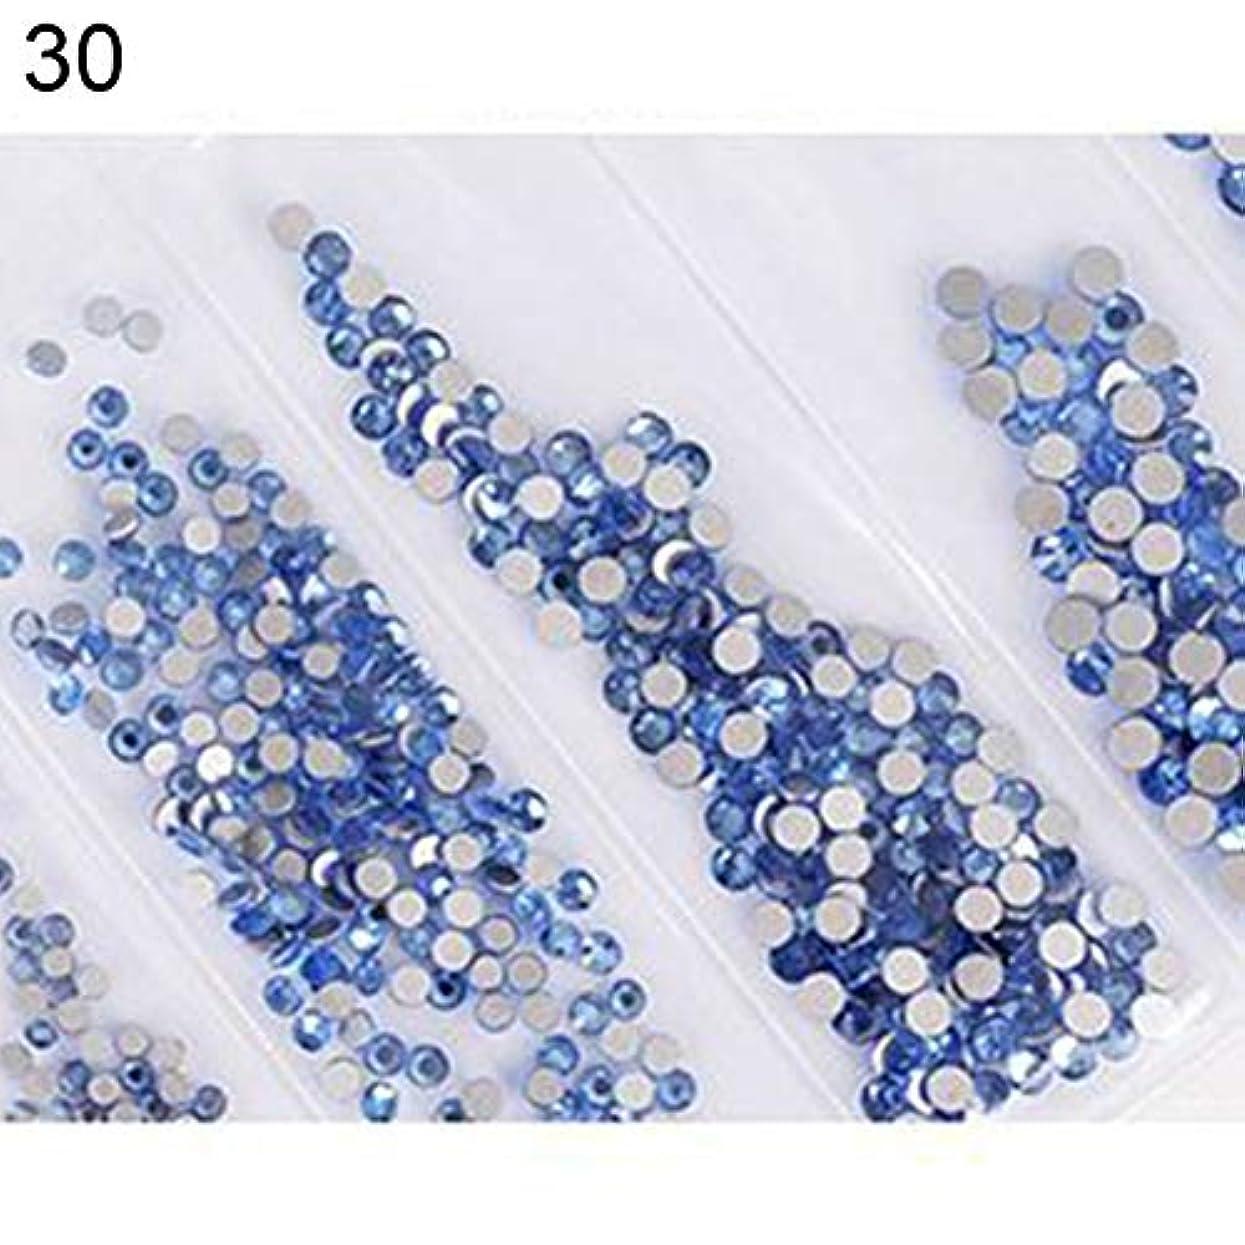 バーゲン罪層hamulekfae-6ピース光沢のあるフラットガラスラインストーンネイルアートの装飾diyマニキュアのヒントツール 30#